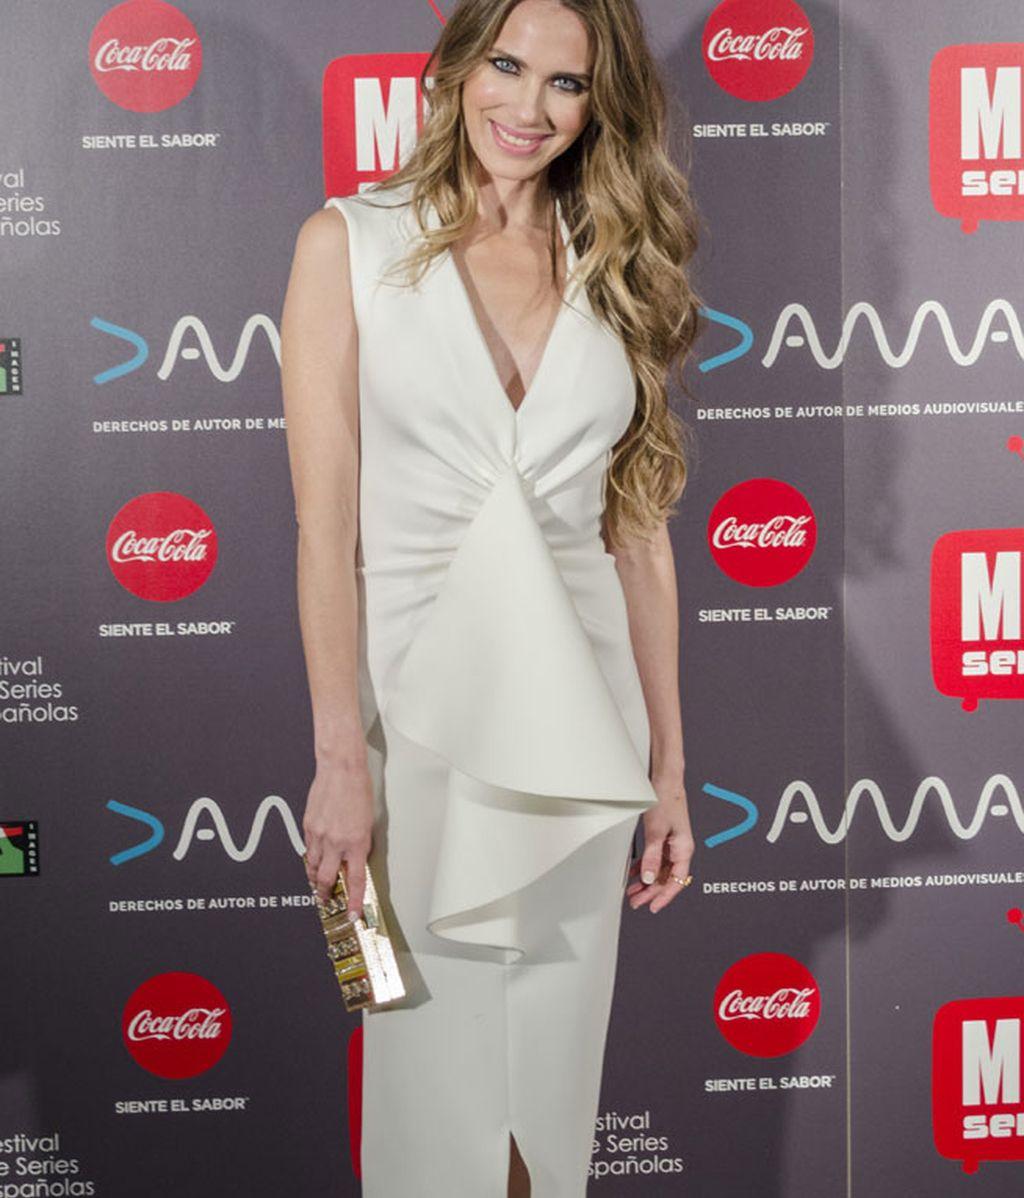 La elegancia de Vanessa Romero en clave de blanco y 'clutch' dorado